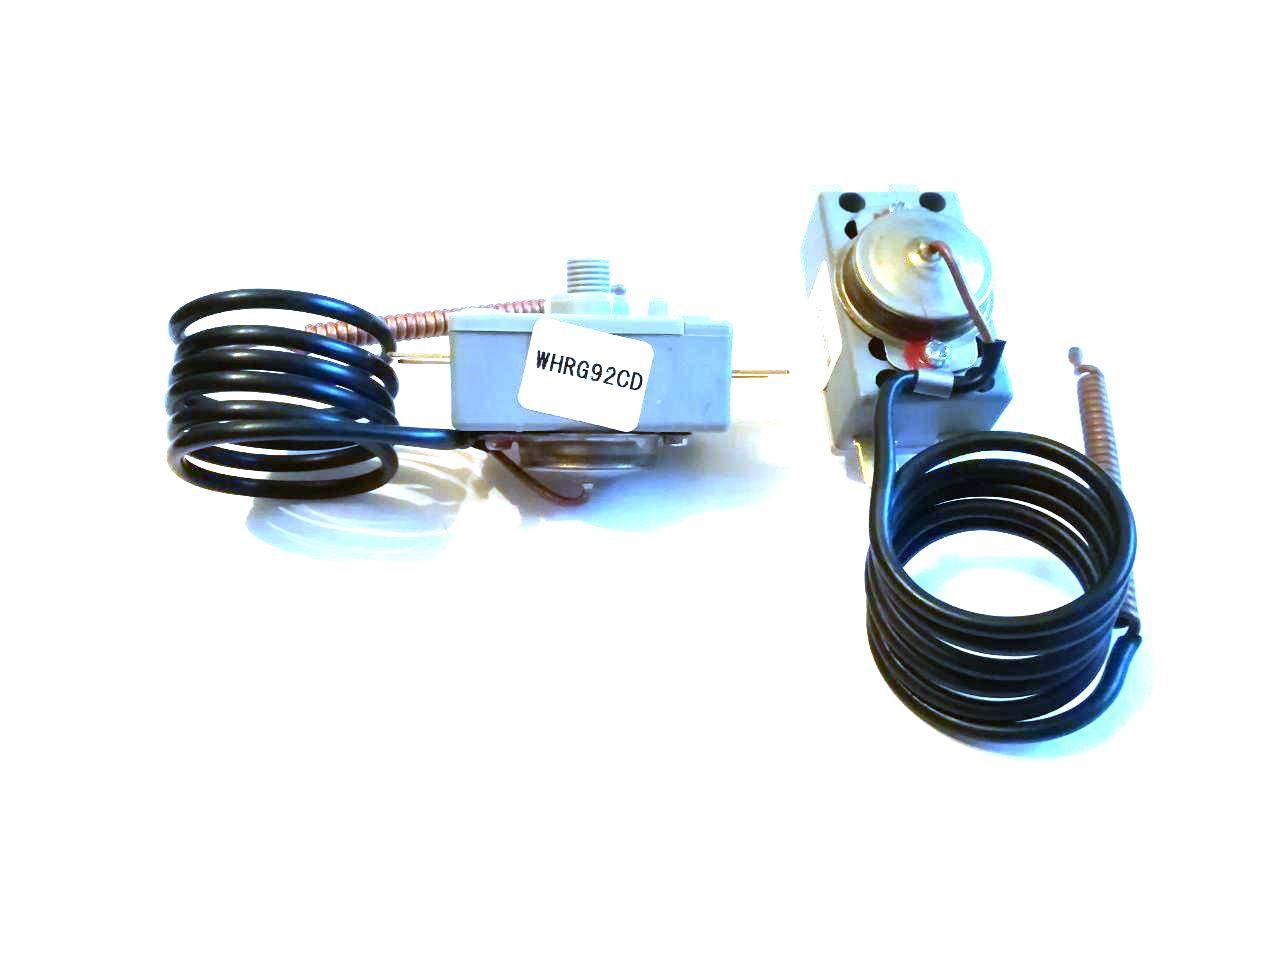 Термоотсекатель аварийный WHRG 92 CD / 250V / 16A